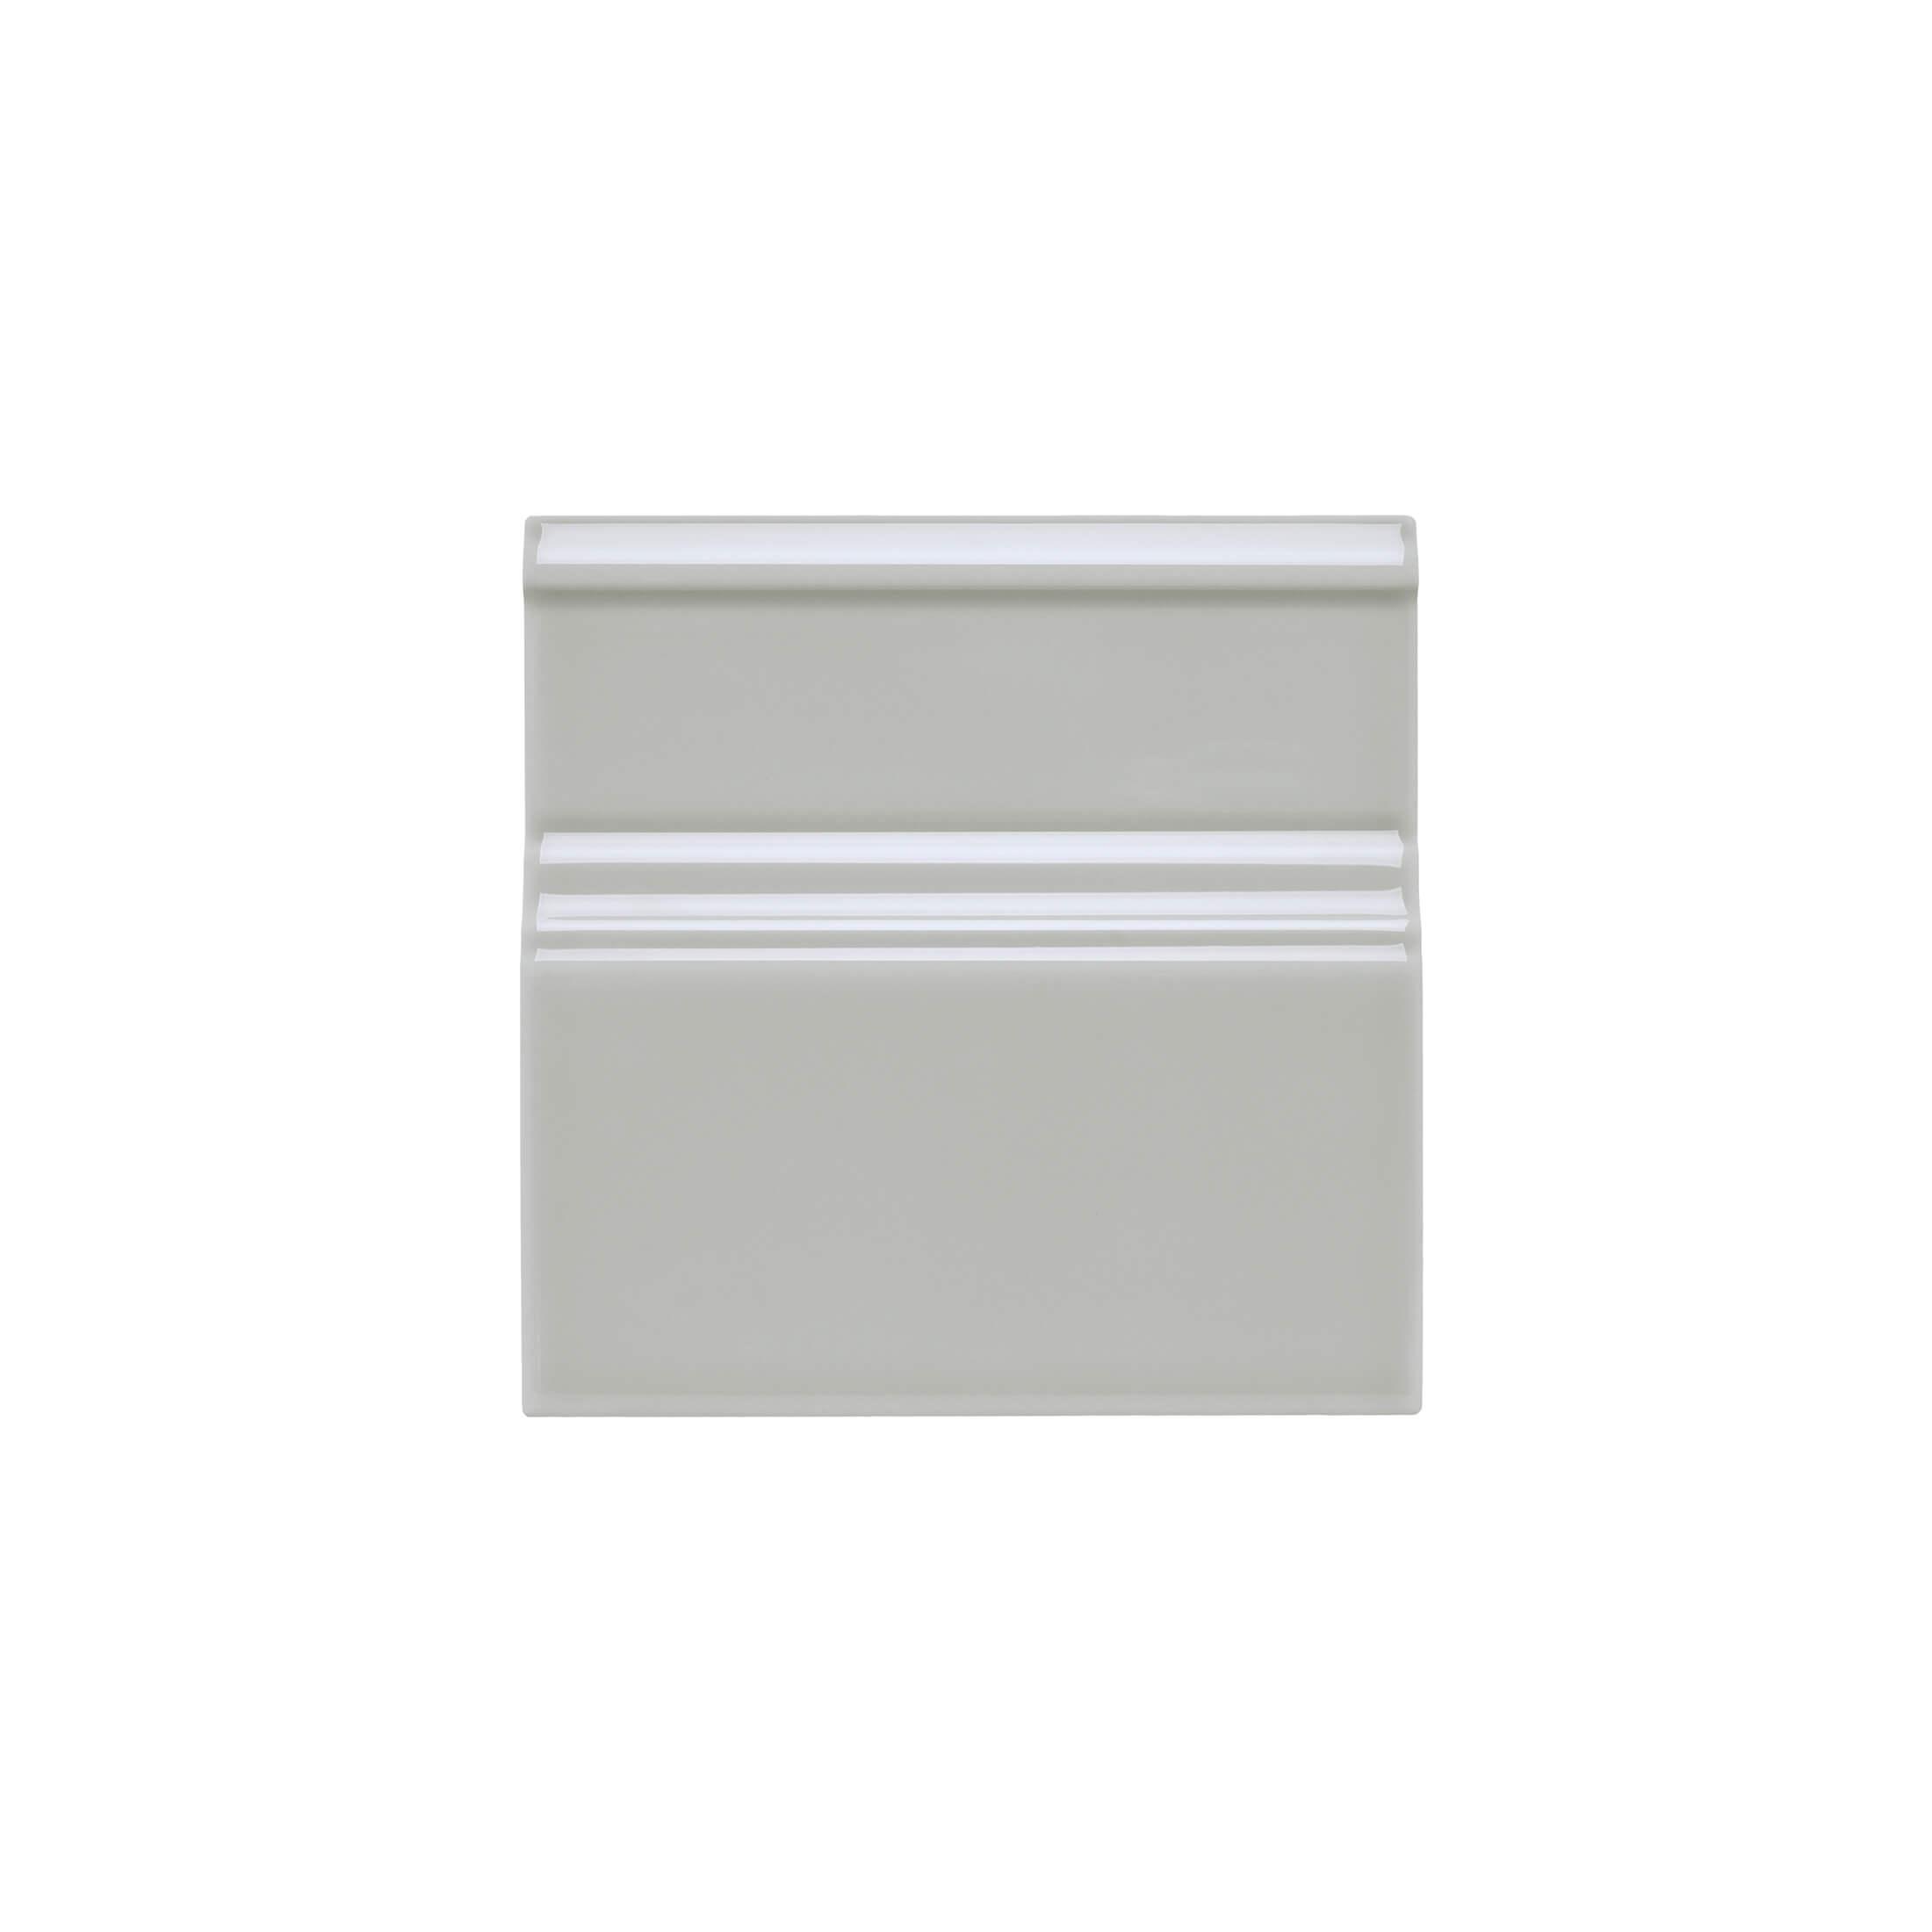 ADNE5521 - RODAPIE CLASICO - 15 cm X 15 cm